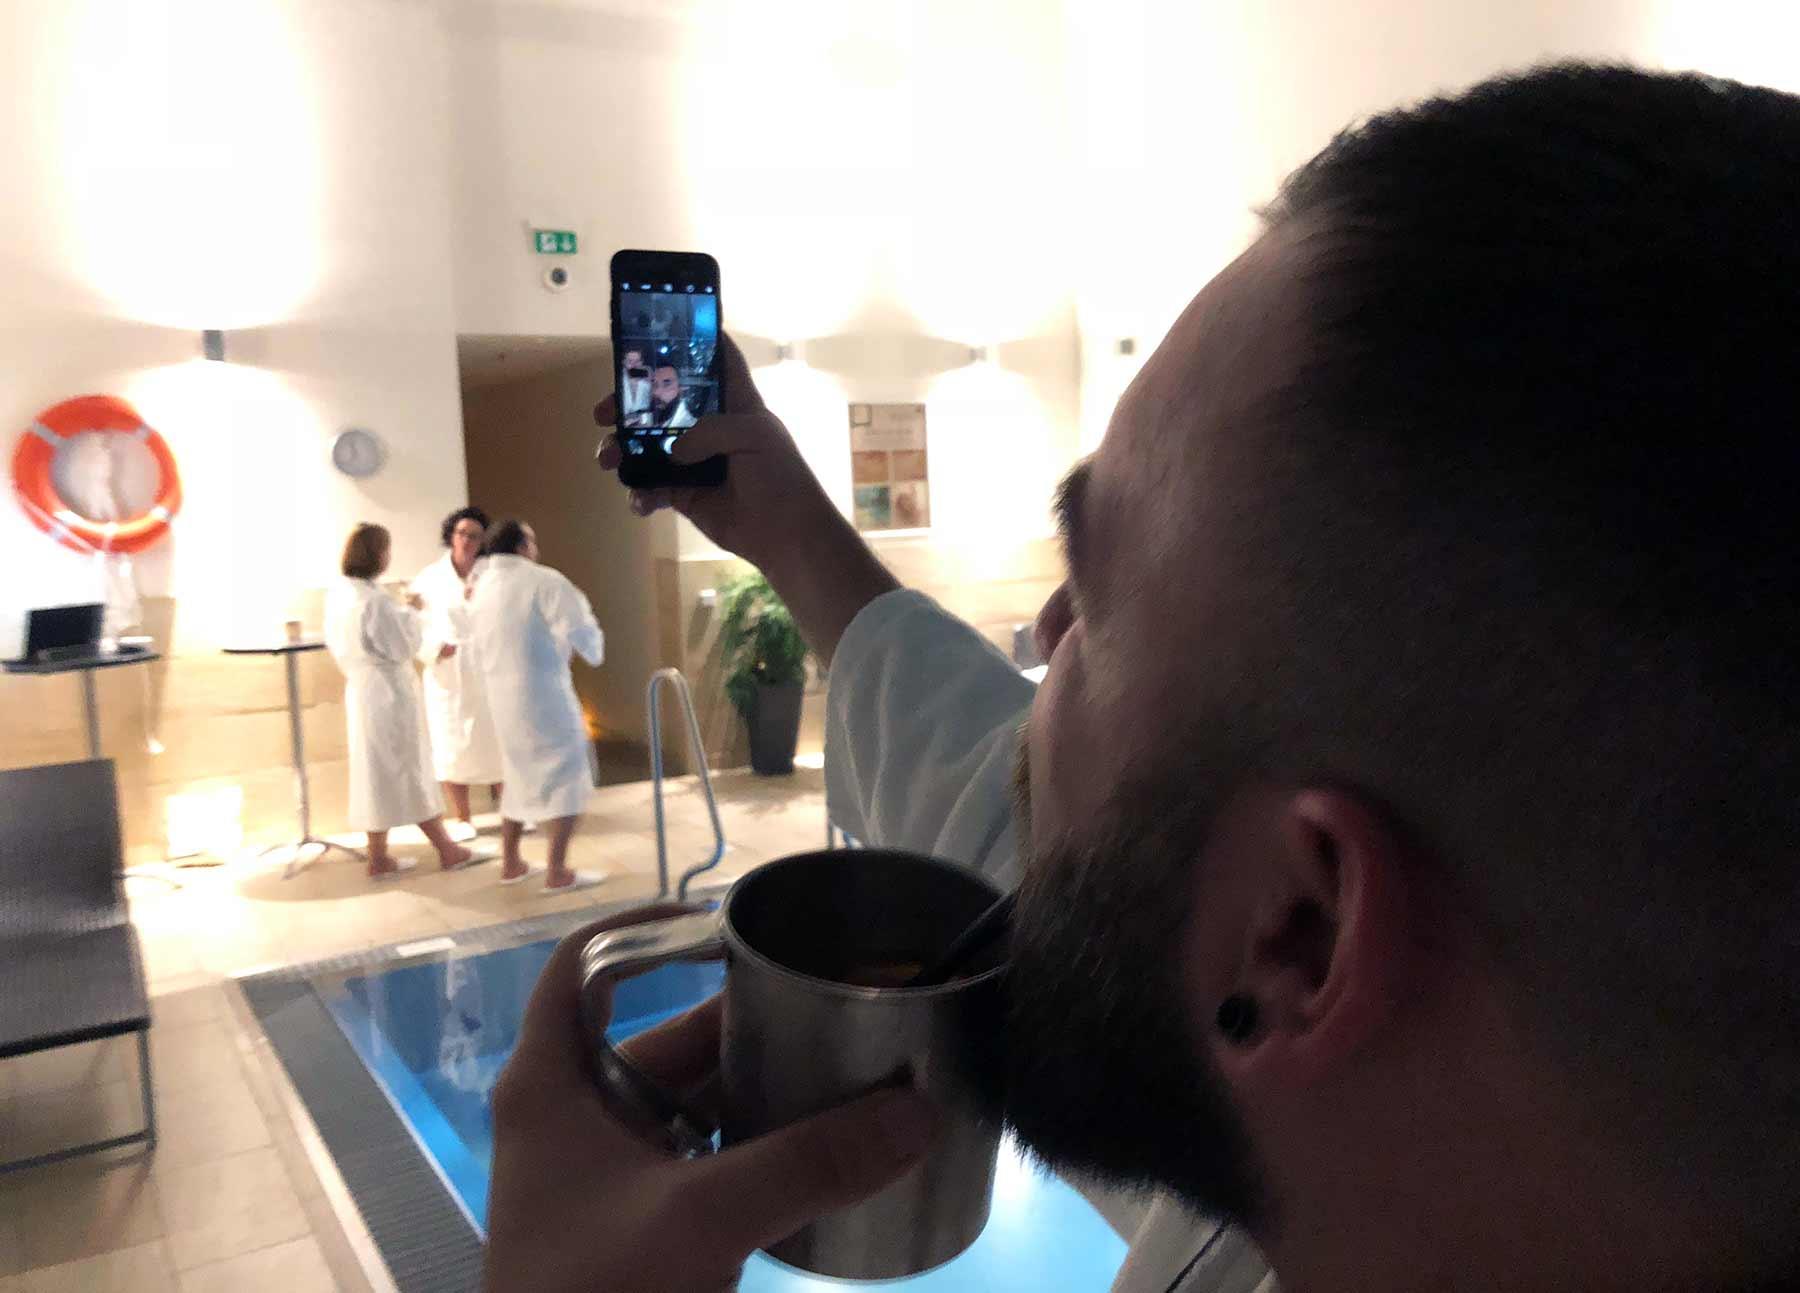 Ich war auf dem entspanntesten Blogger-Event - und einer Luxus-Toilette Geberit_Dailydoseofspa_08